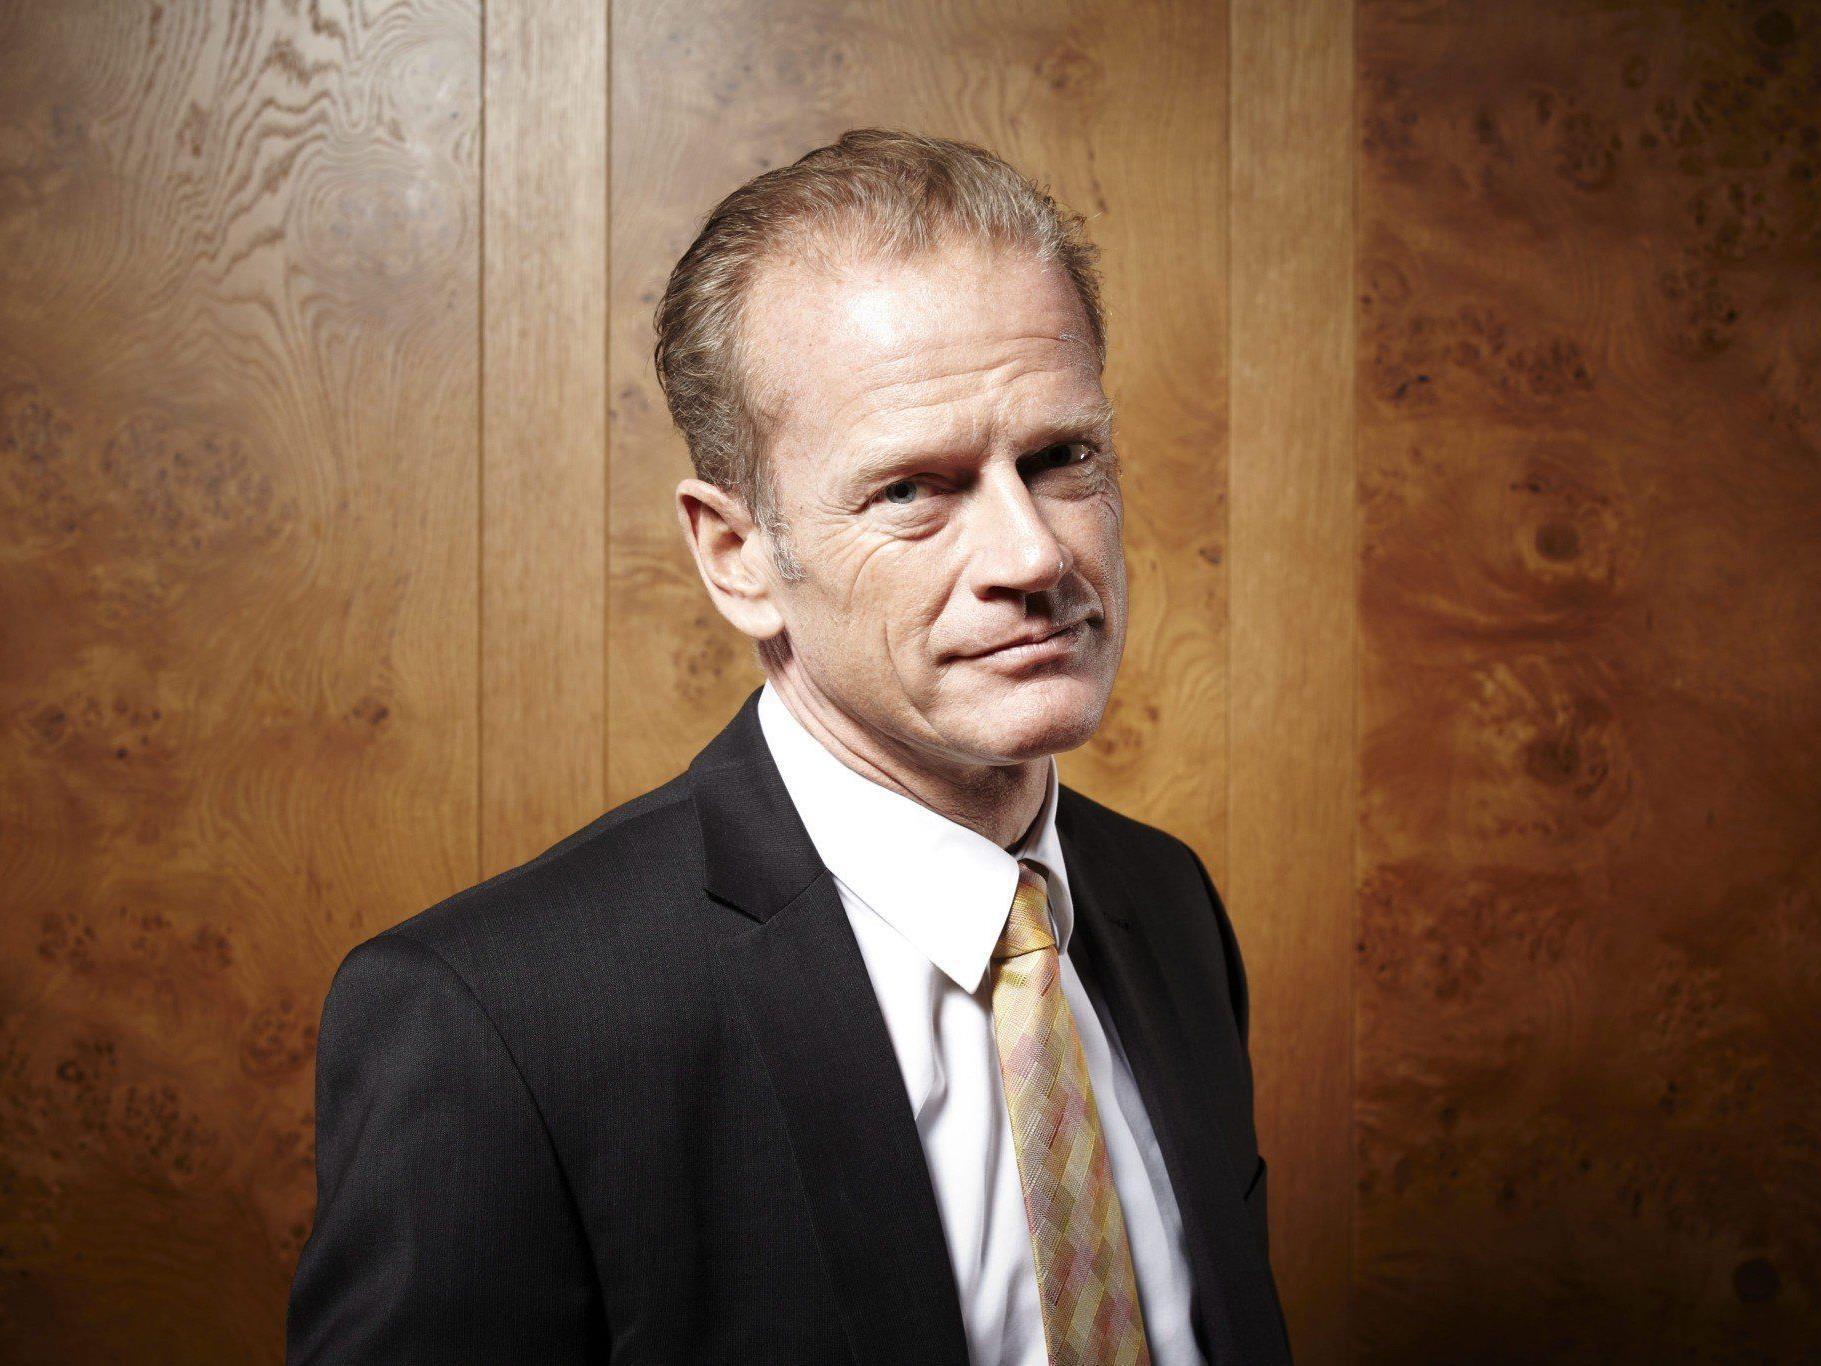 Swisscom-Konzernchef Carsten Schloter wurde tot aufgefunden. Polizei geht von Suizid aus.